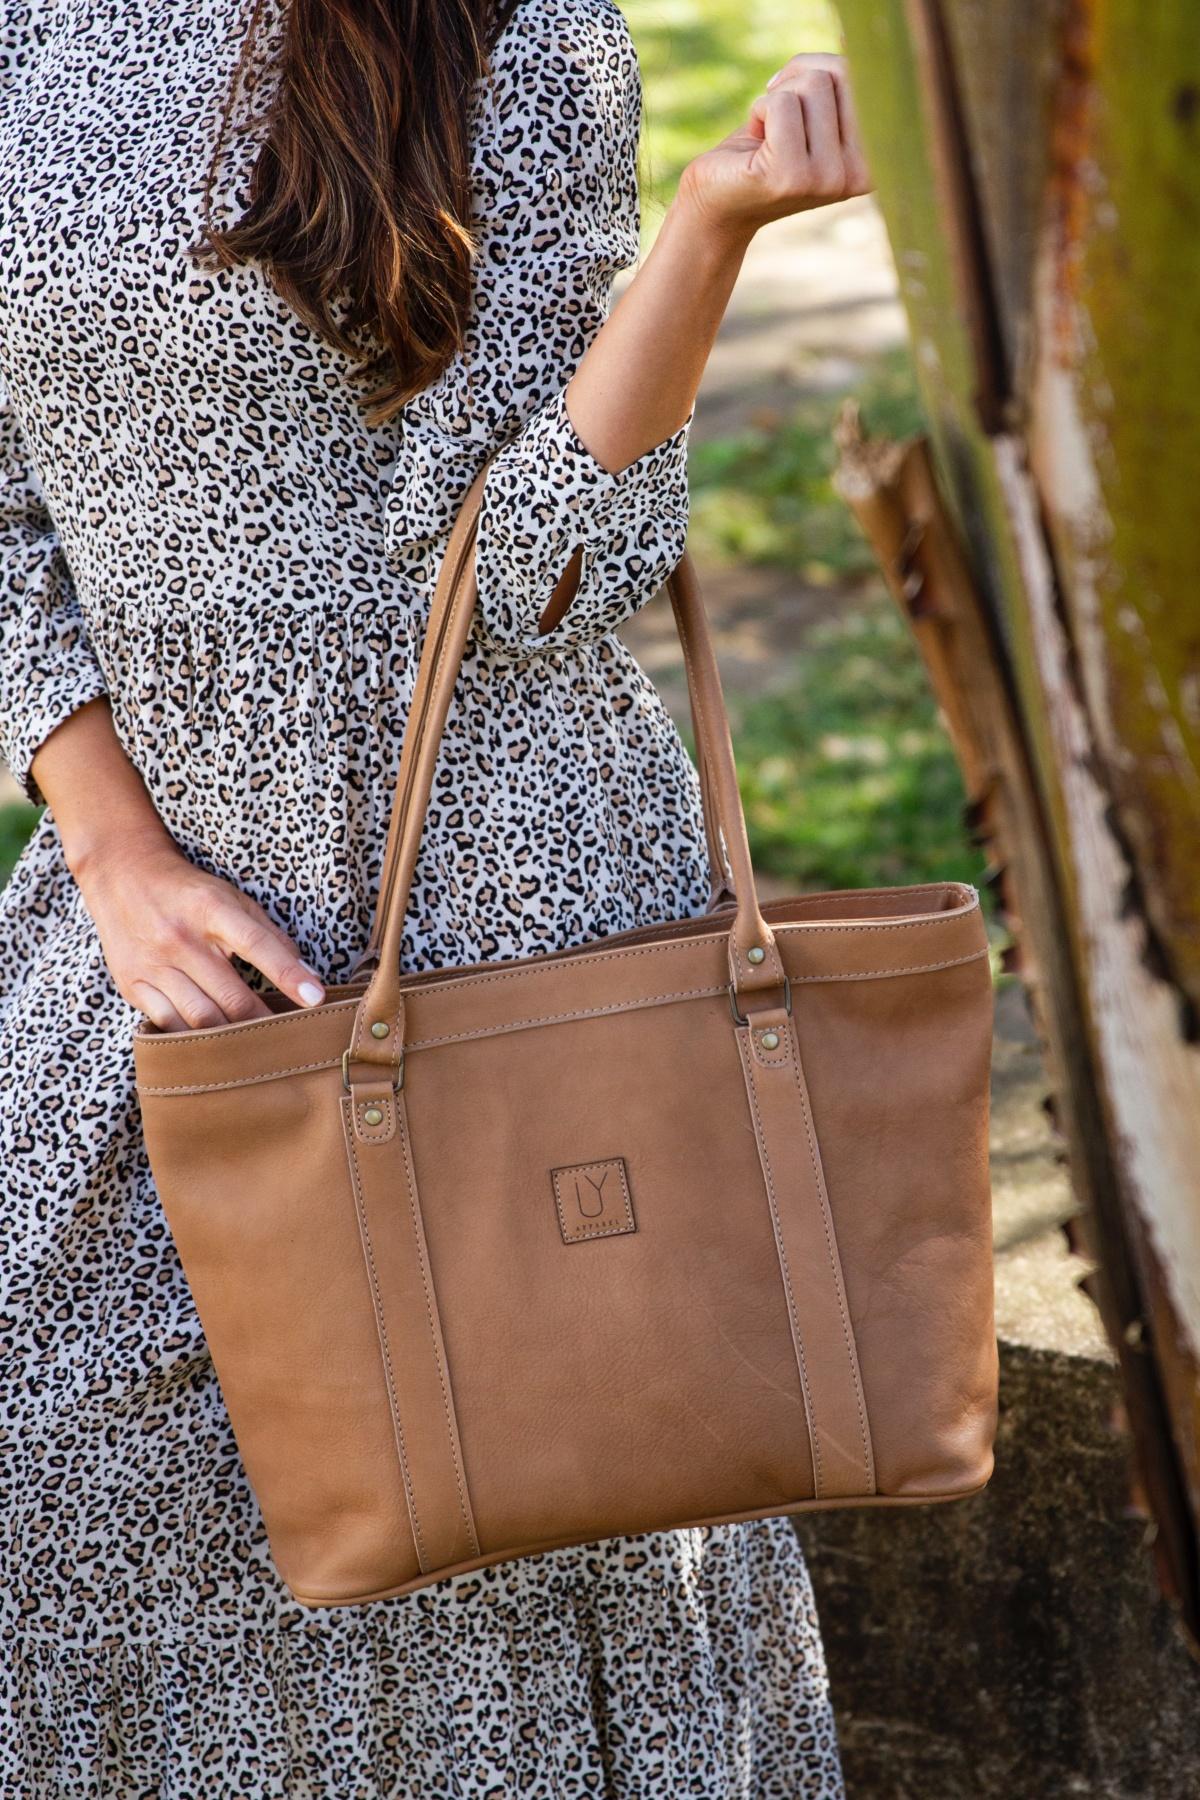 leather-shoulder-bag-jozi